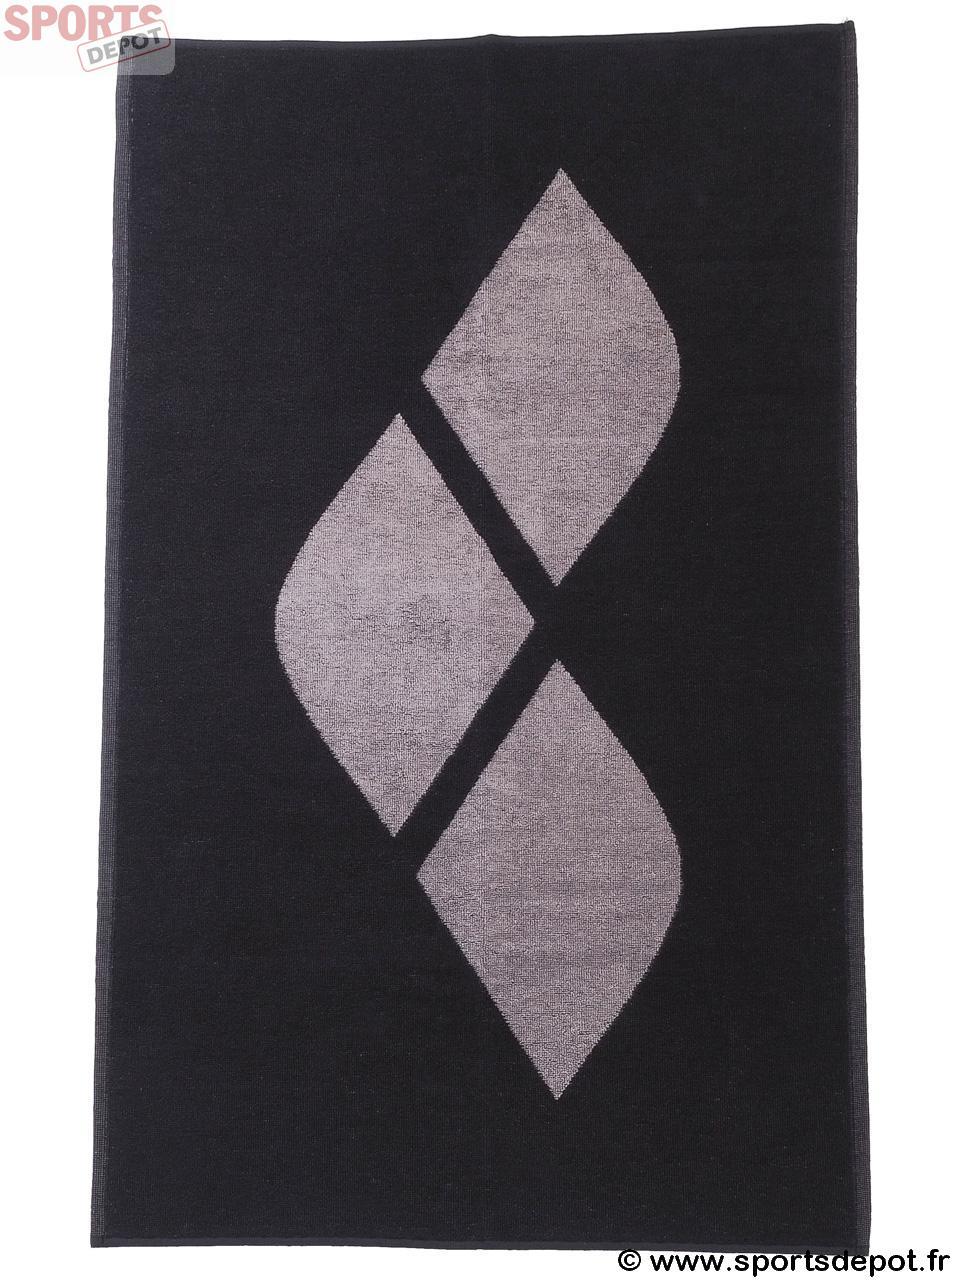 Acheter serviette de bain drap de plage arena hiccup noir for Serviette piscine arena